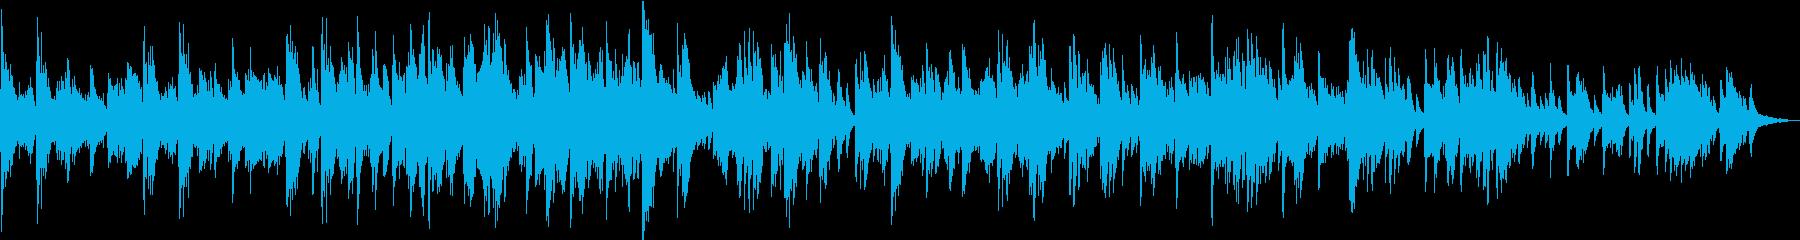 穏やかで優しい 響くヒーリング・ピアノの再生済みの波形